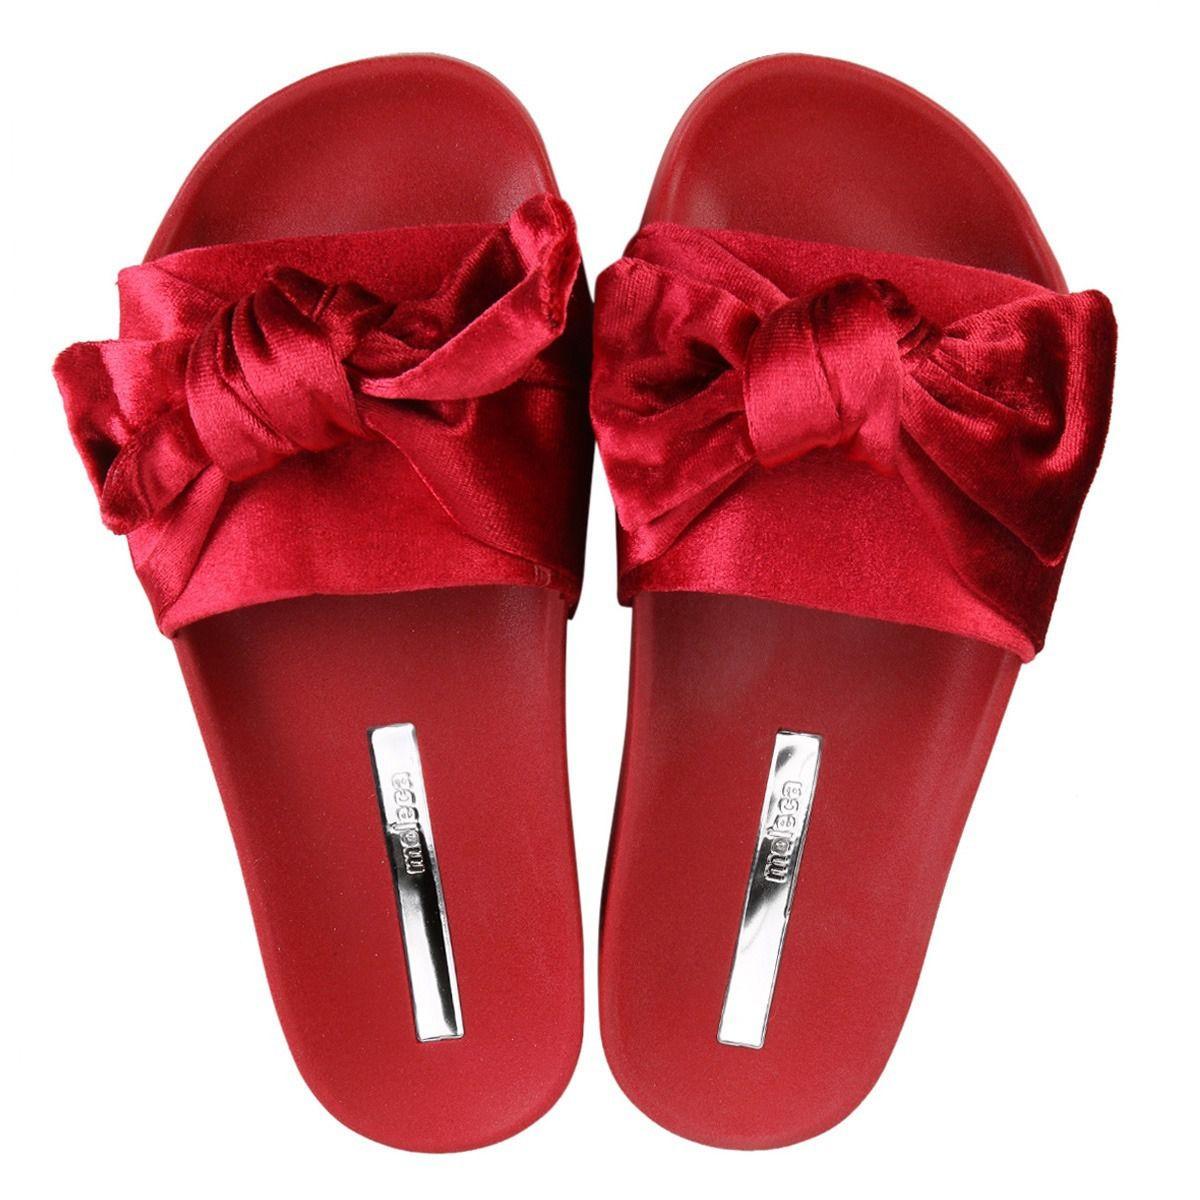 0234146e4 Chinelo Slide Feminino Moleca 5414 Laço Veludo Vermelho - Lojas Mendes